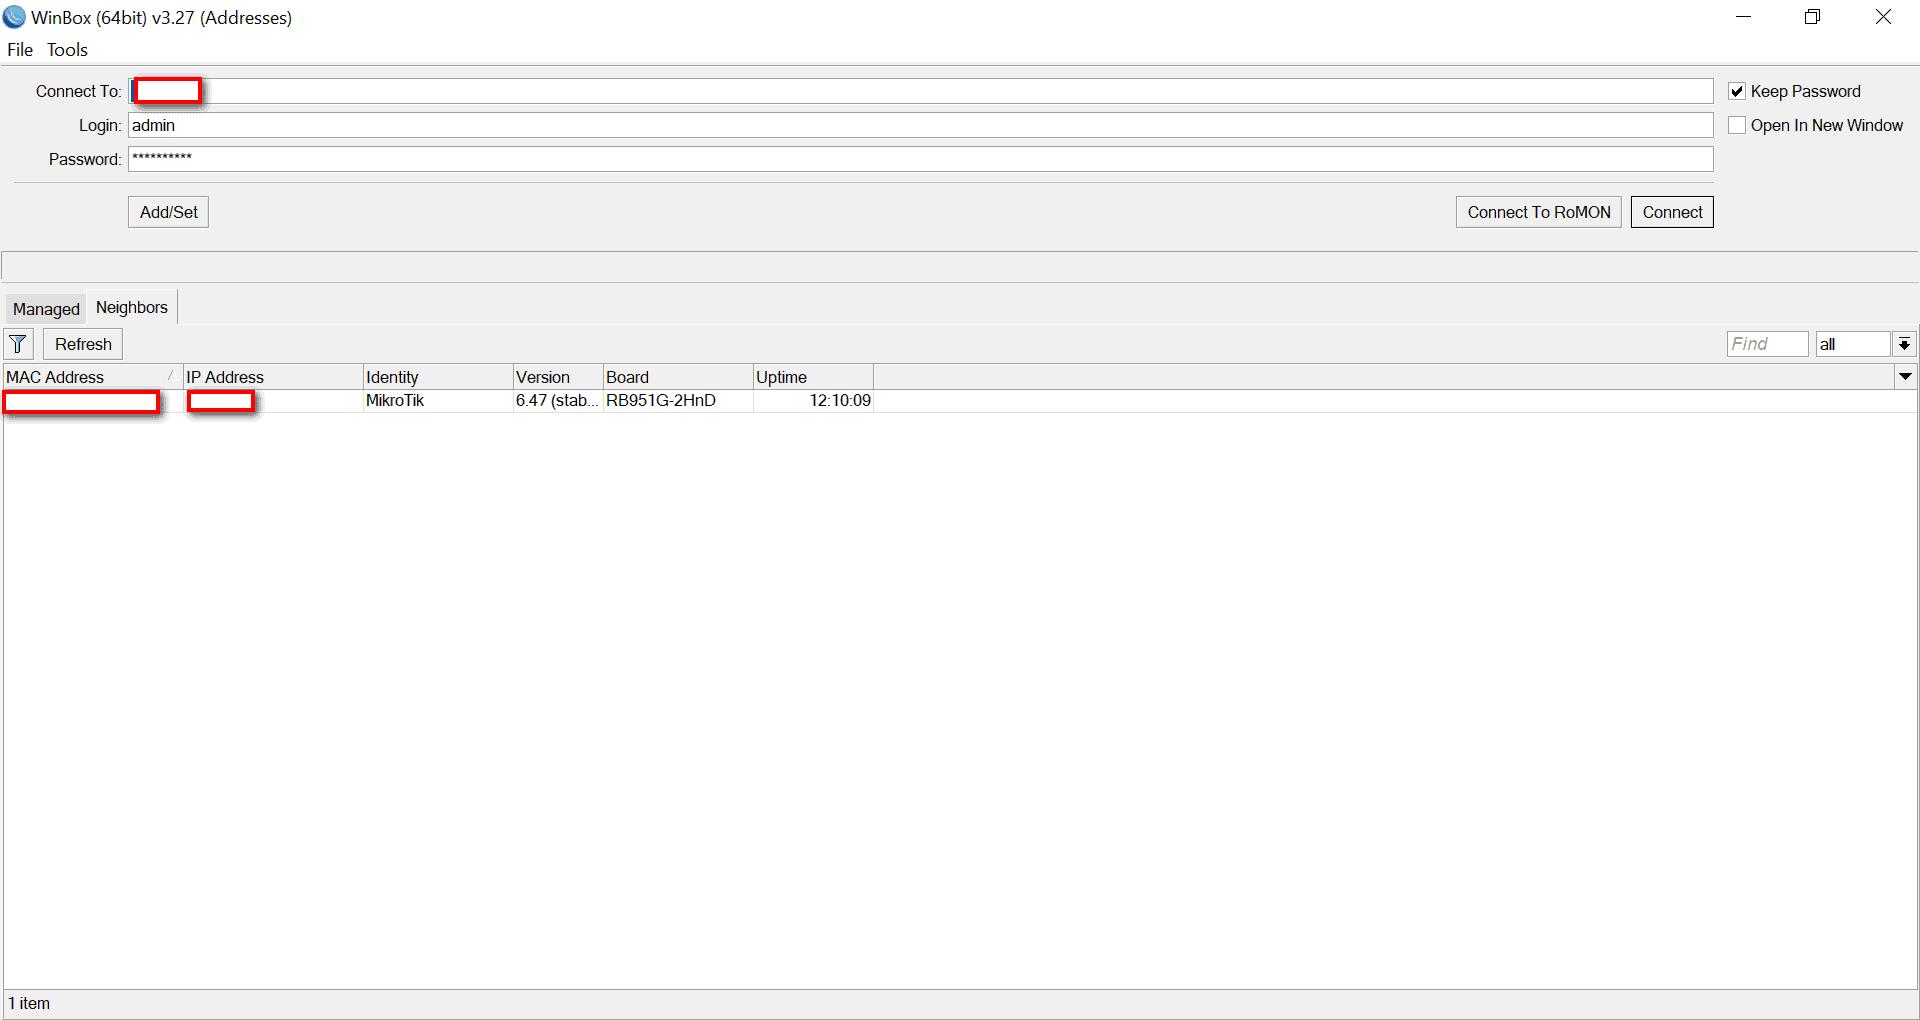 WinBox 3.27 (64-bit) WinBox 3.27 (32-bit) Windows v3.27 Mikrotik 2020